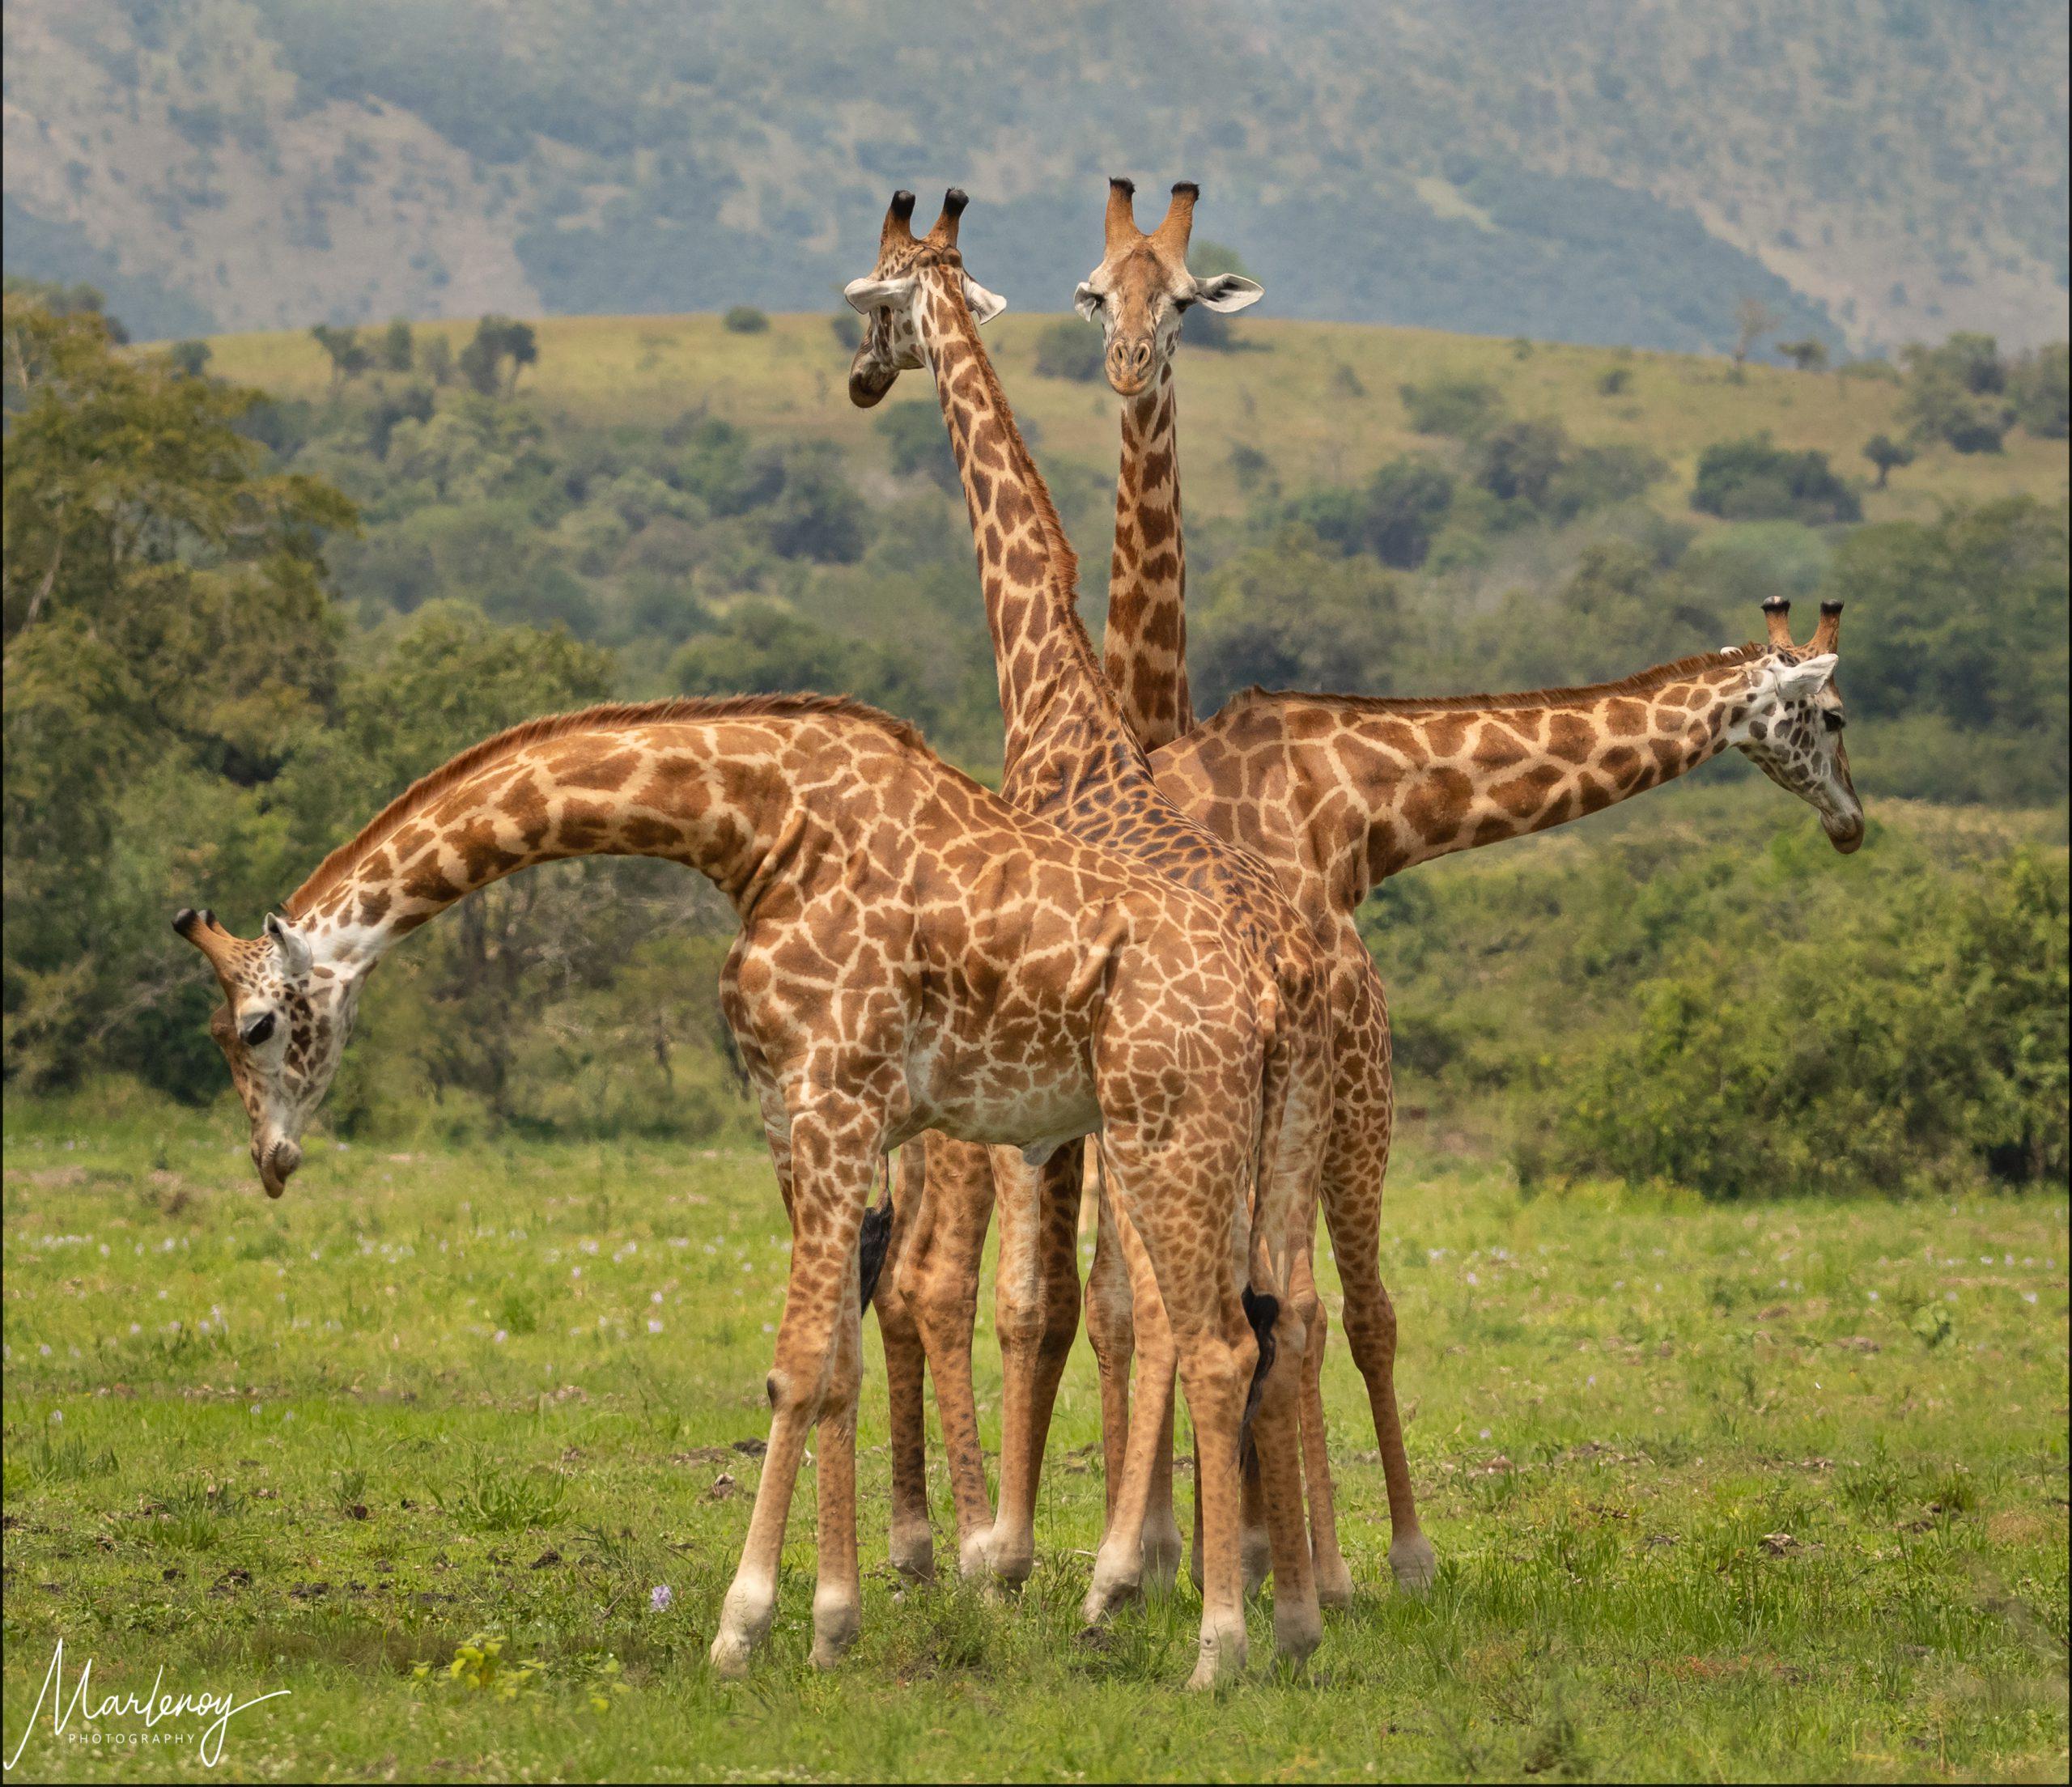 ג'ירפות בטבע הפתוח ברואנדה. צילום: מרלן נוי